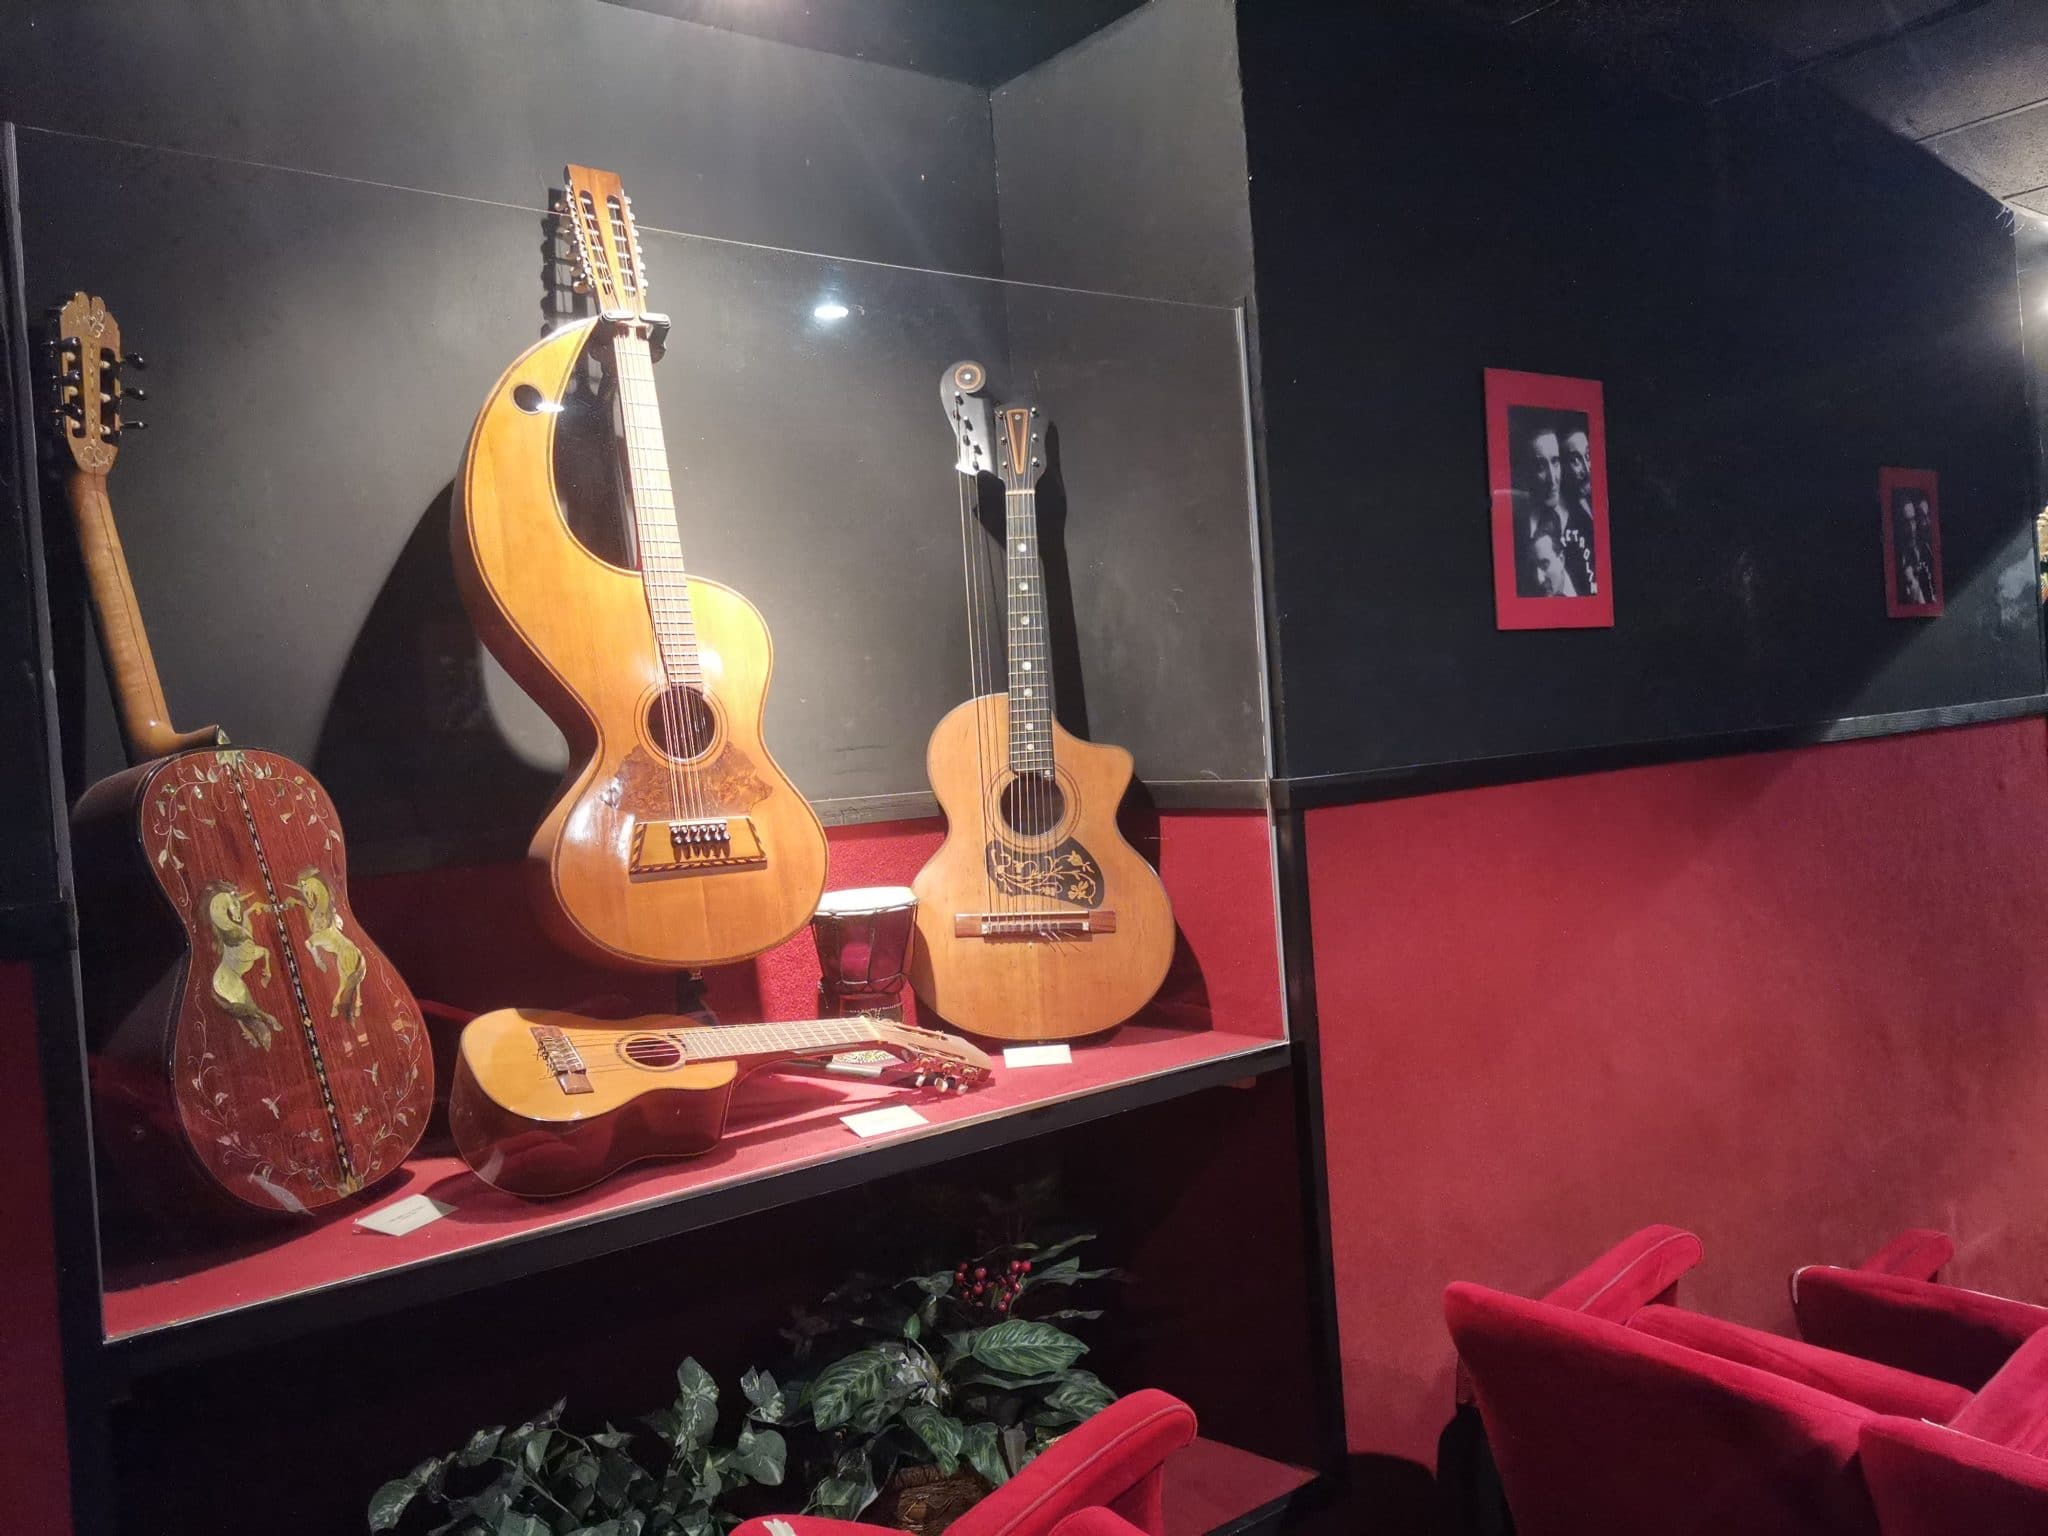 sala petrolini chitarre - Teatro Petrolini Roma